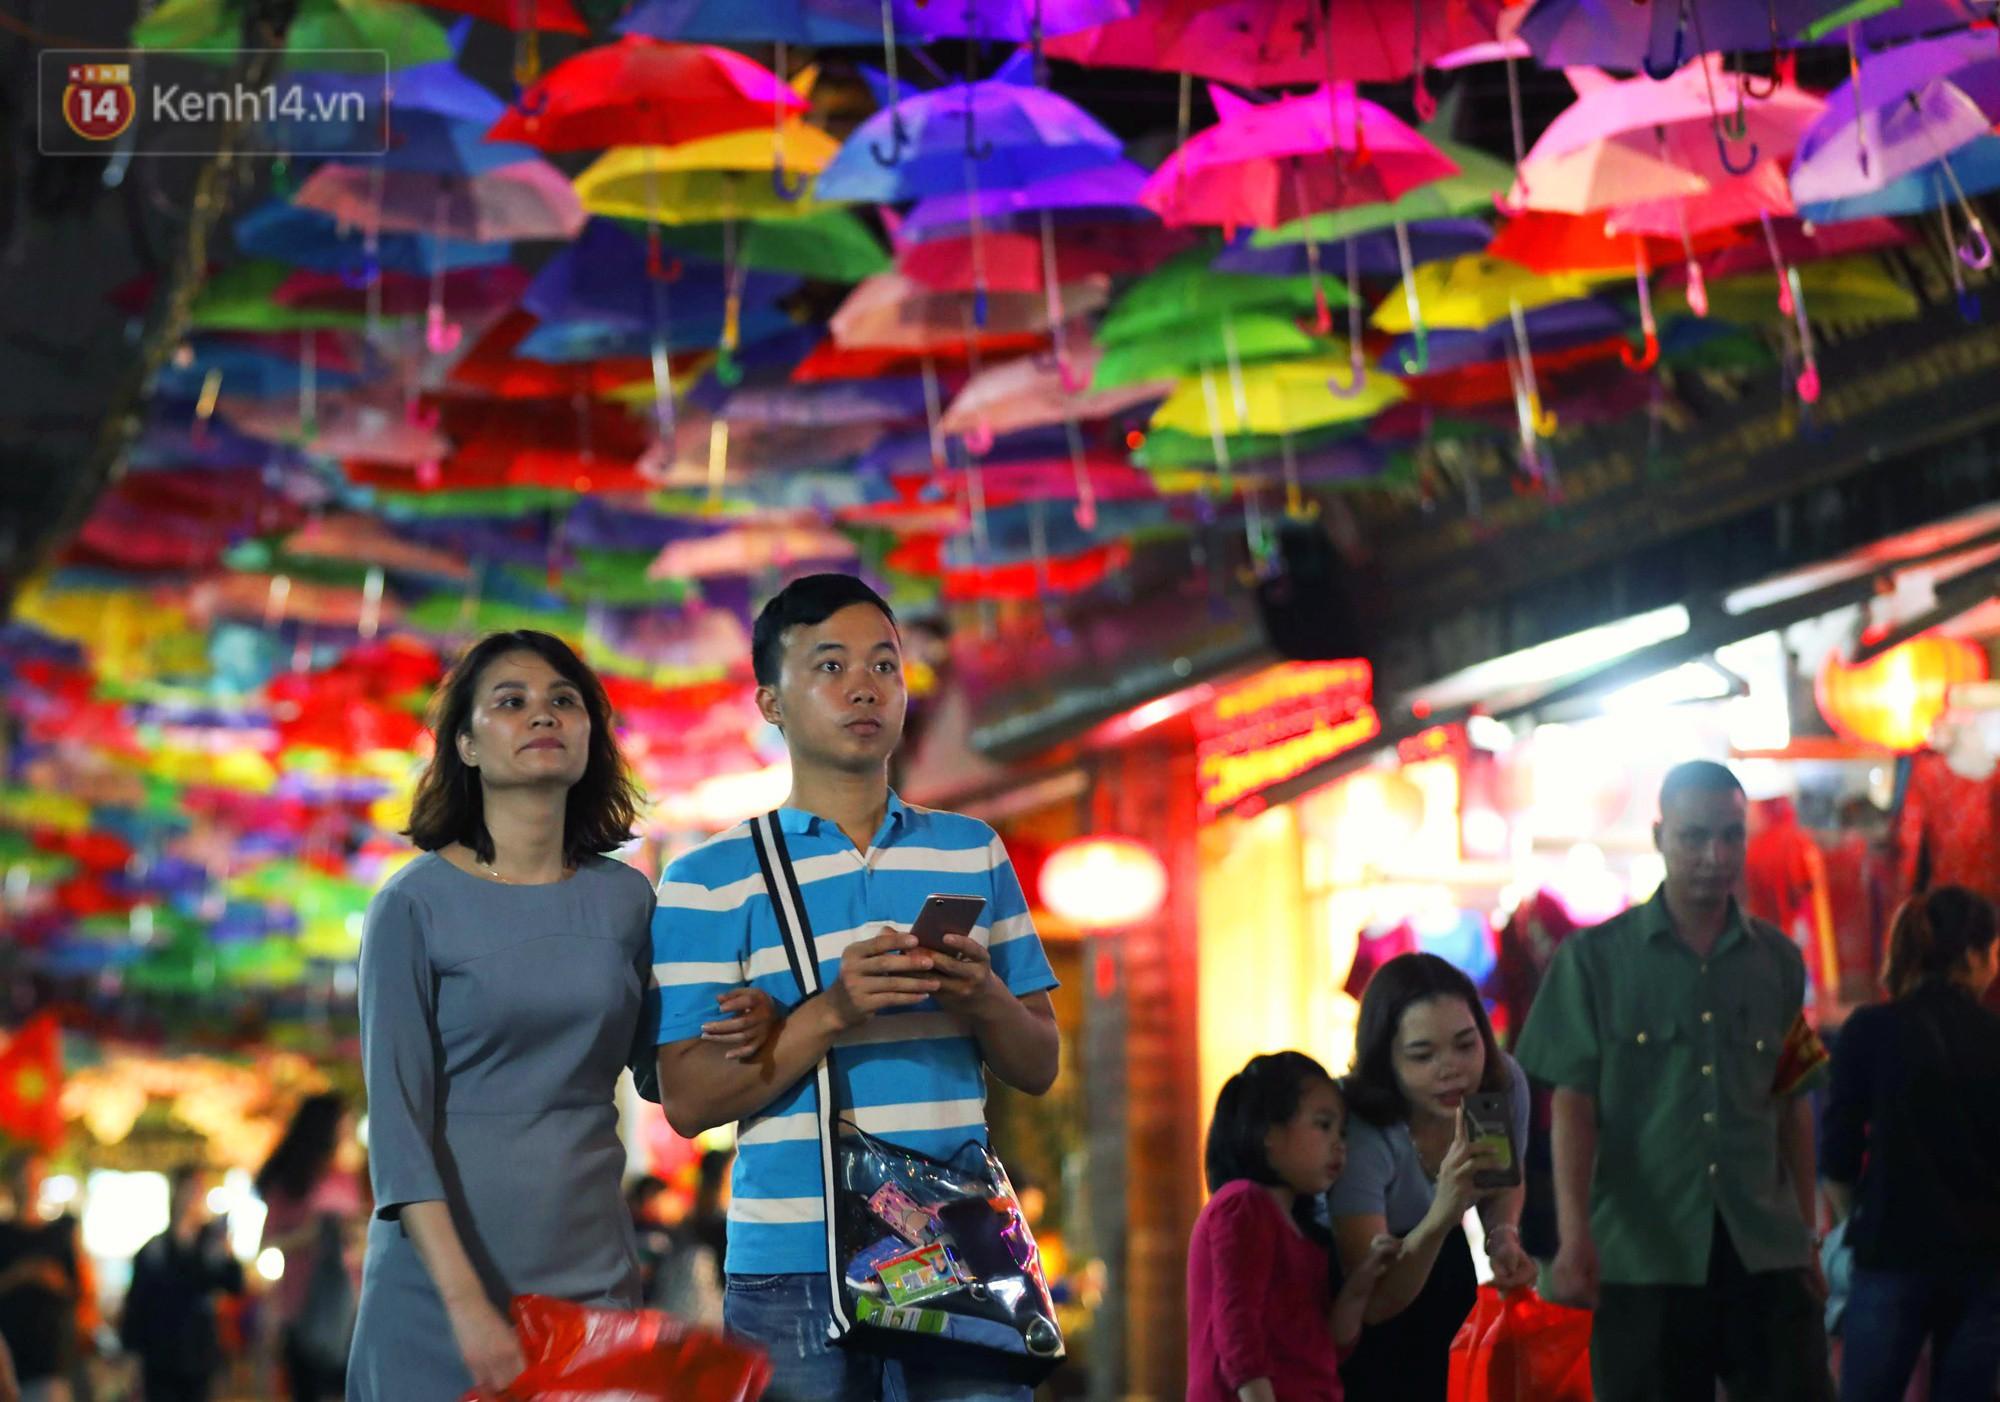 Hà Nội xuất hiện con đường ô lãng mạn như ở Bồ Đào Nha, người dân ùn ùn kéo đến chụp ảnh - Ảnh 9.